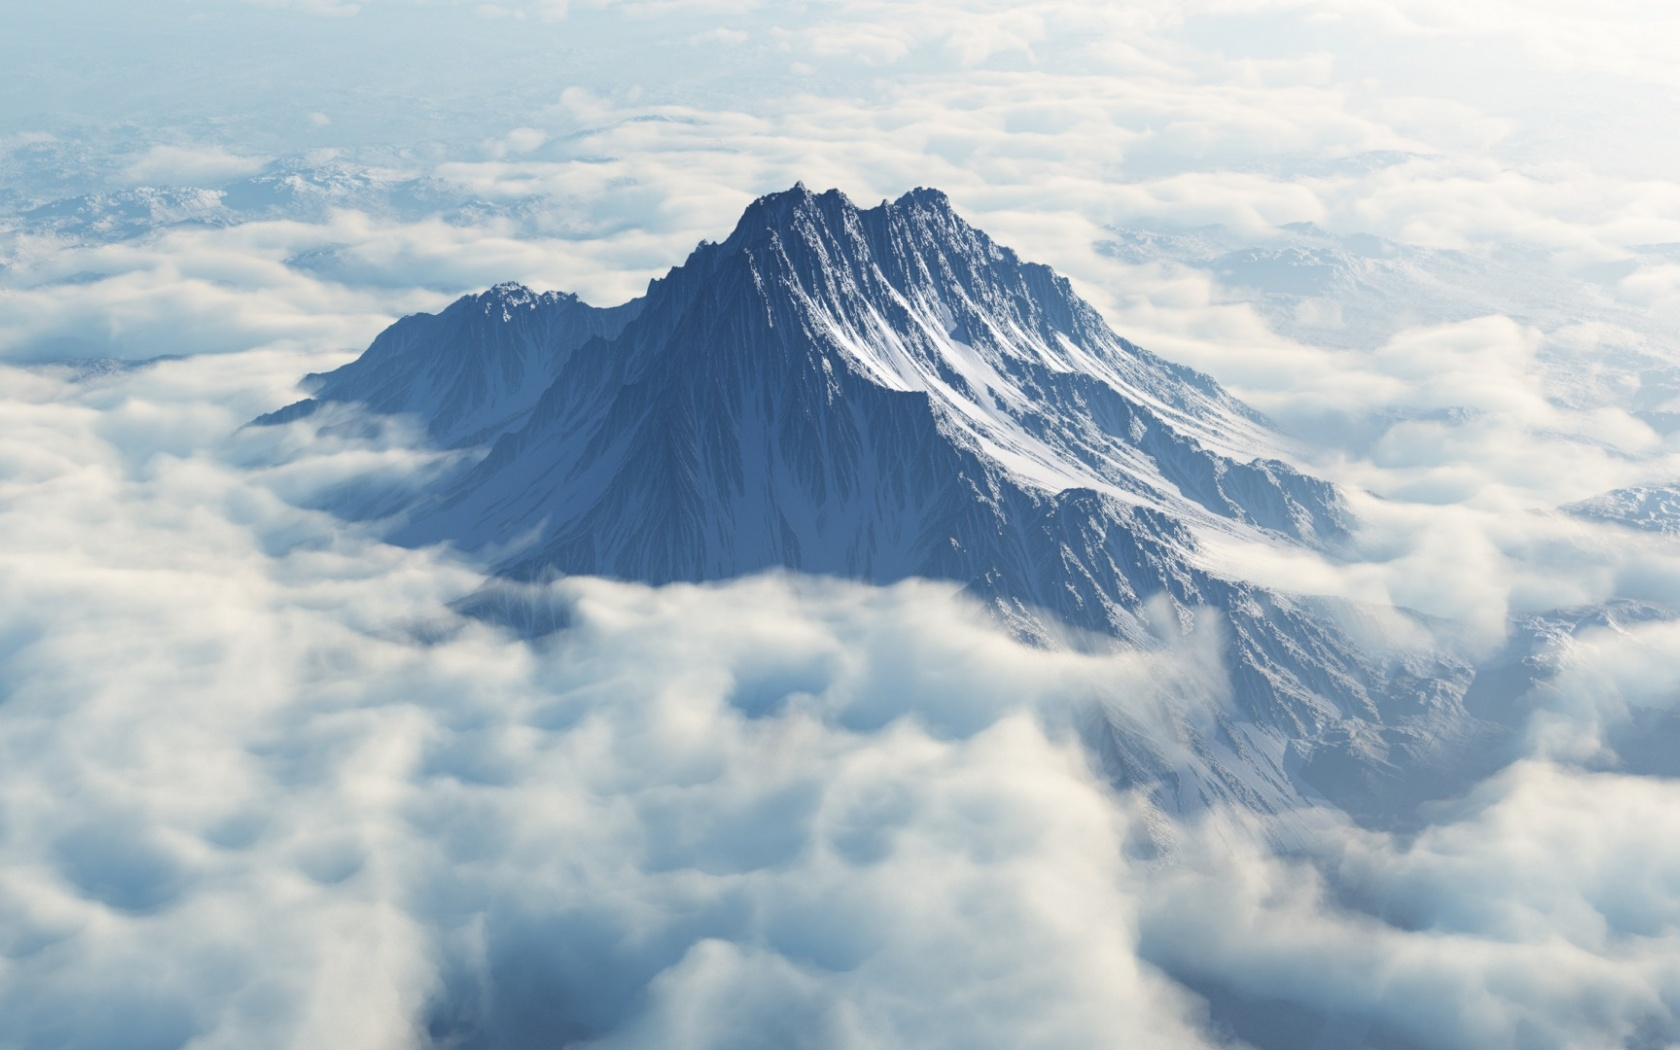 1500x500 Mount Olympus Twitter Header Photo 1680x1050